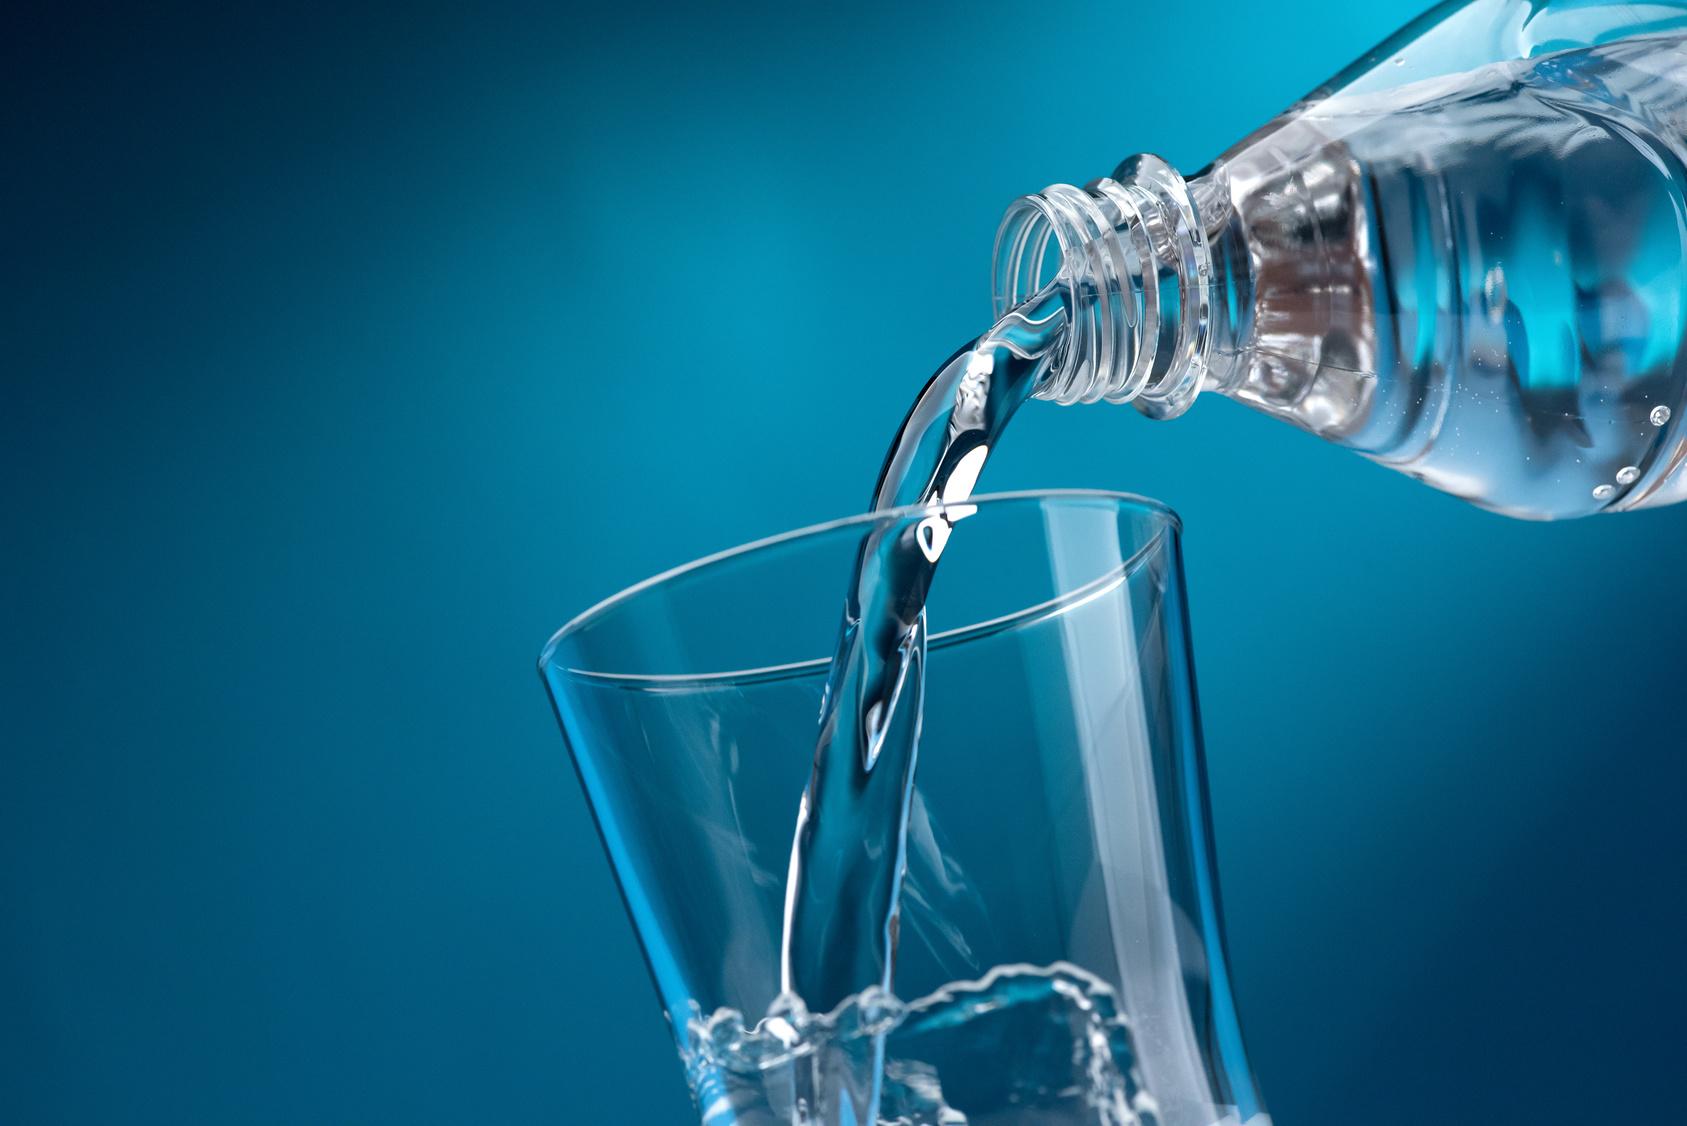 Program FIT6 FM World - odchudzanie, dieta, zdrowy styl życia - picie wody, woda